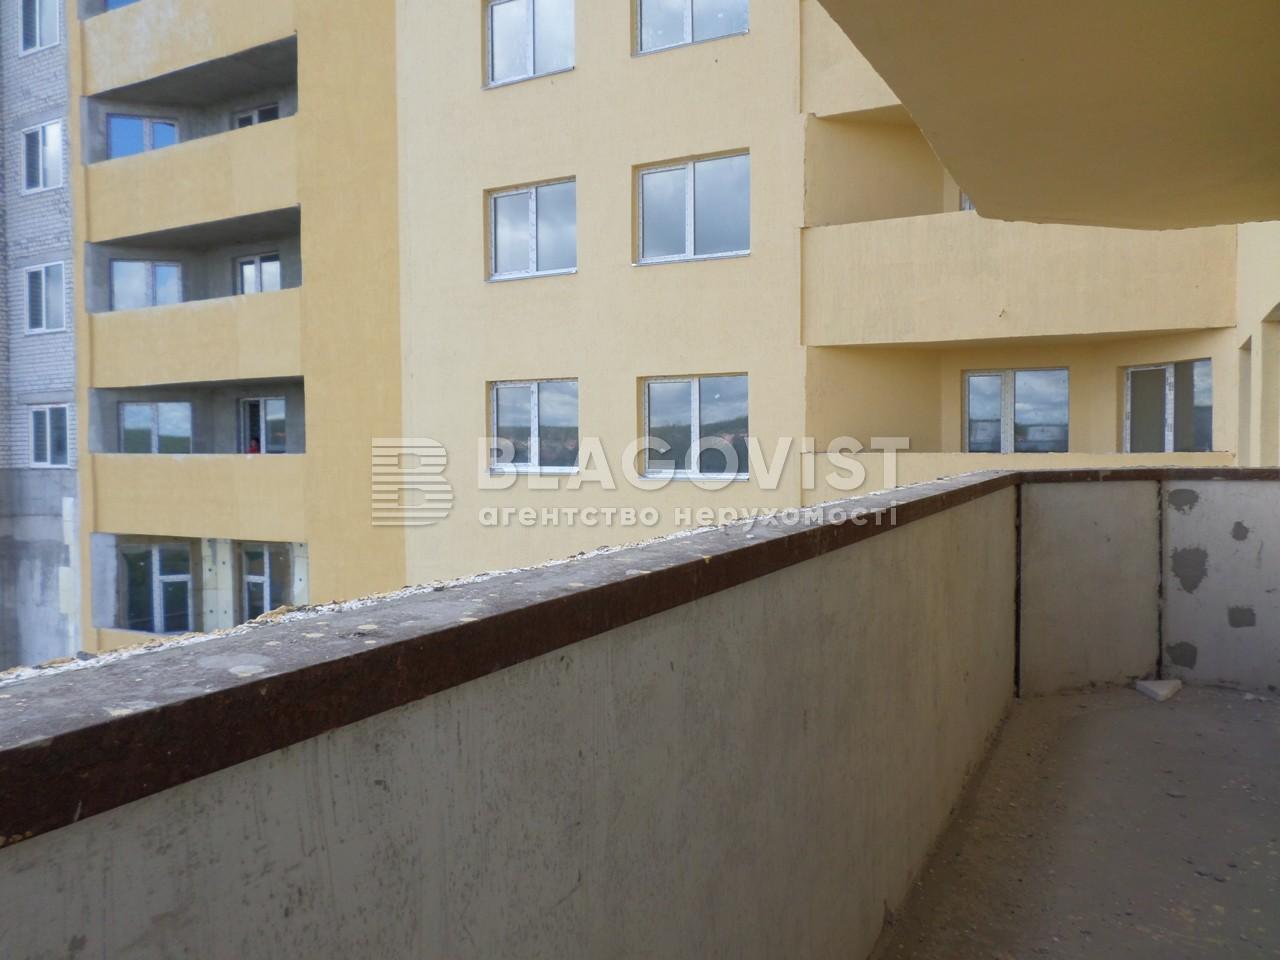 Квартира F-23980, Харченко Евгения (Ленина), 47б, Киев - Фото 14